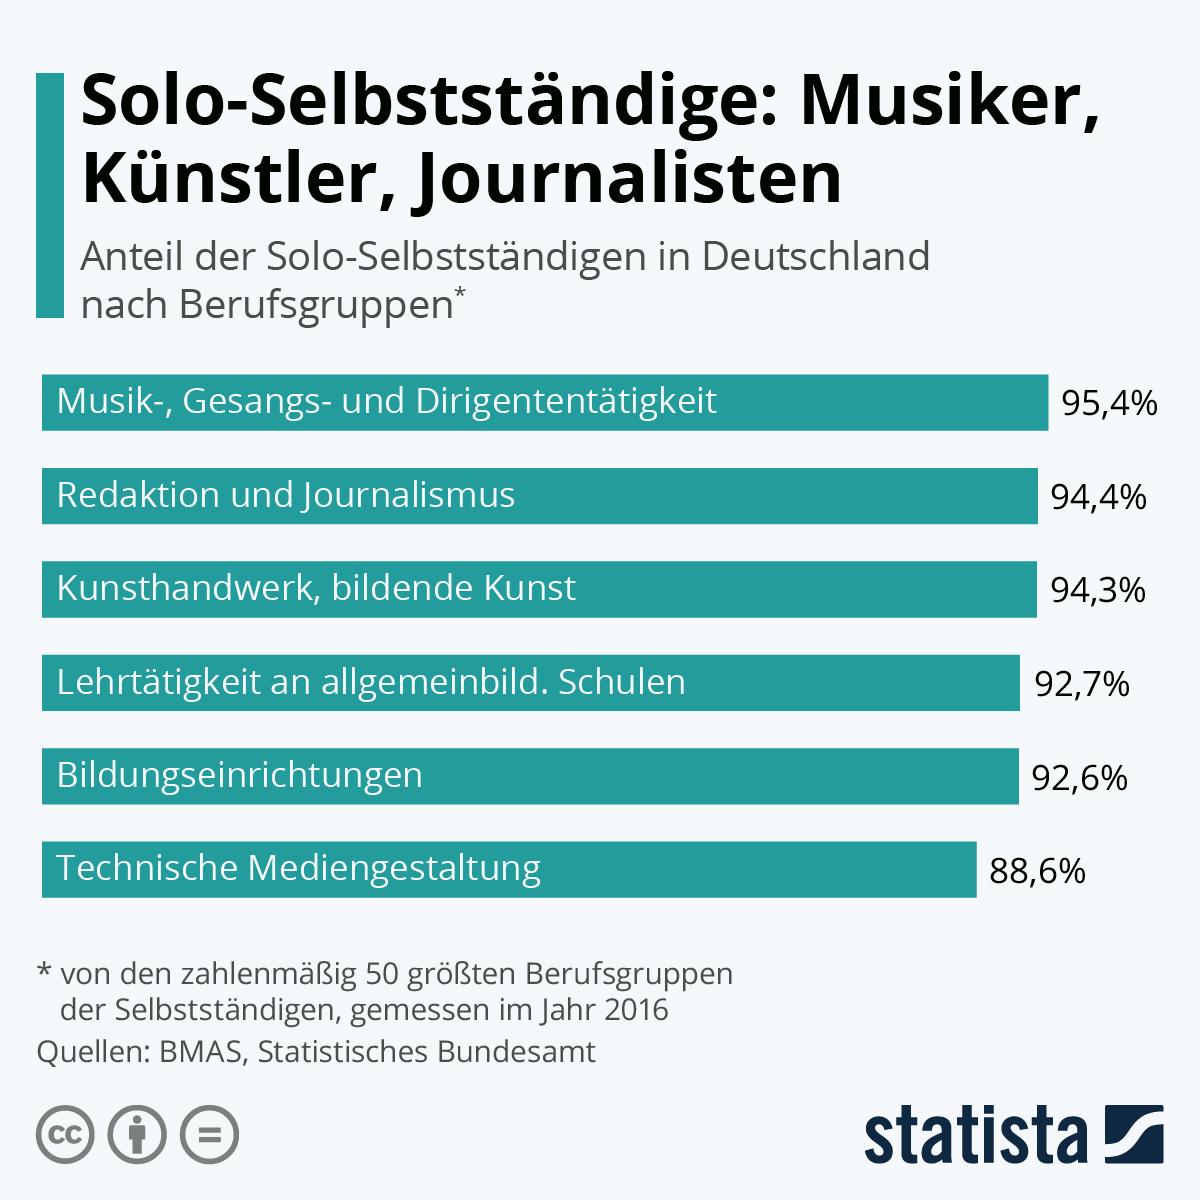 Infografik: Solo-Selbstständige: Musiker, Künstler, Journalisten | Statista